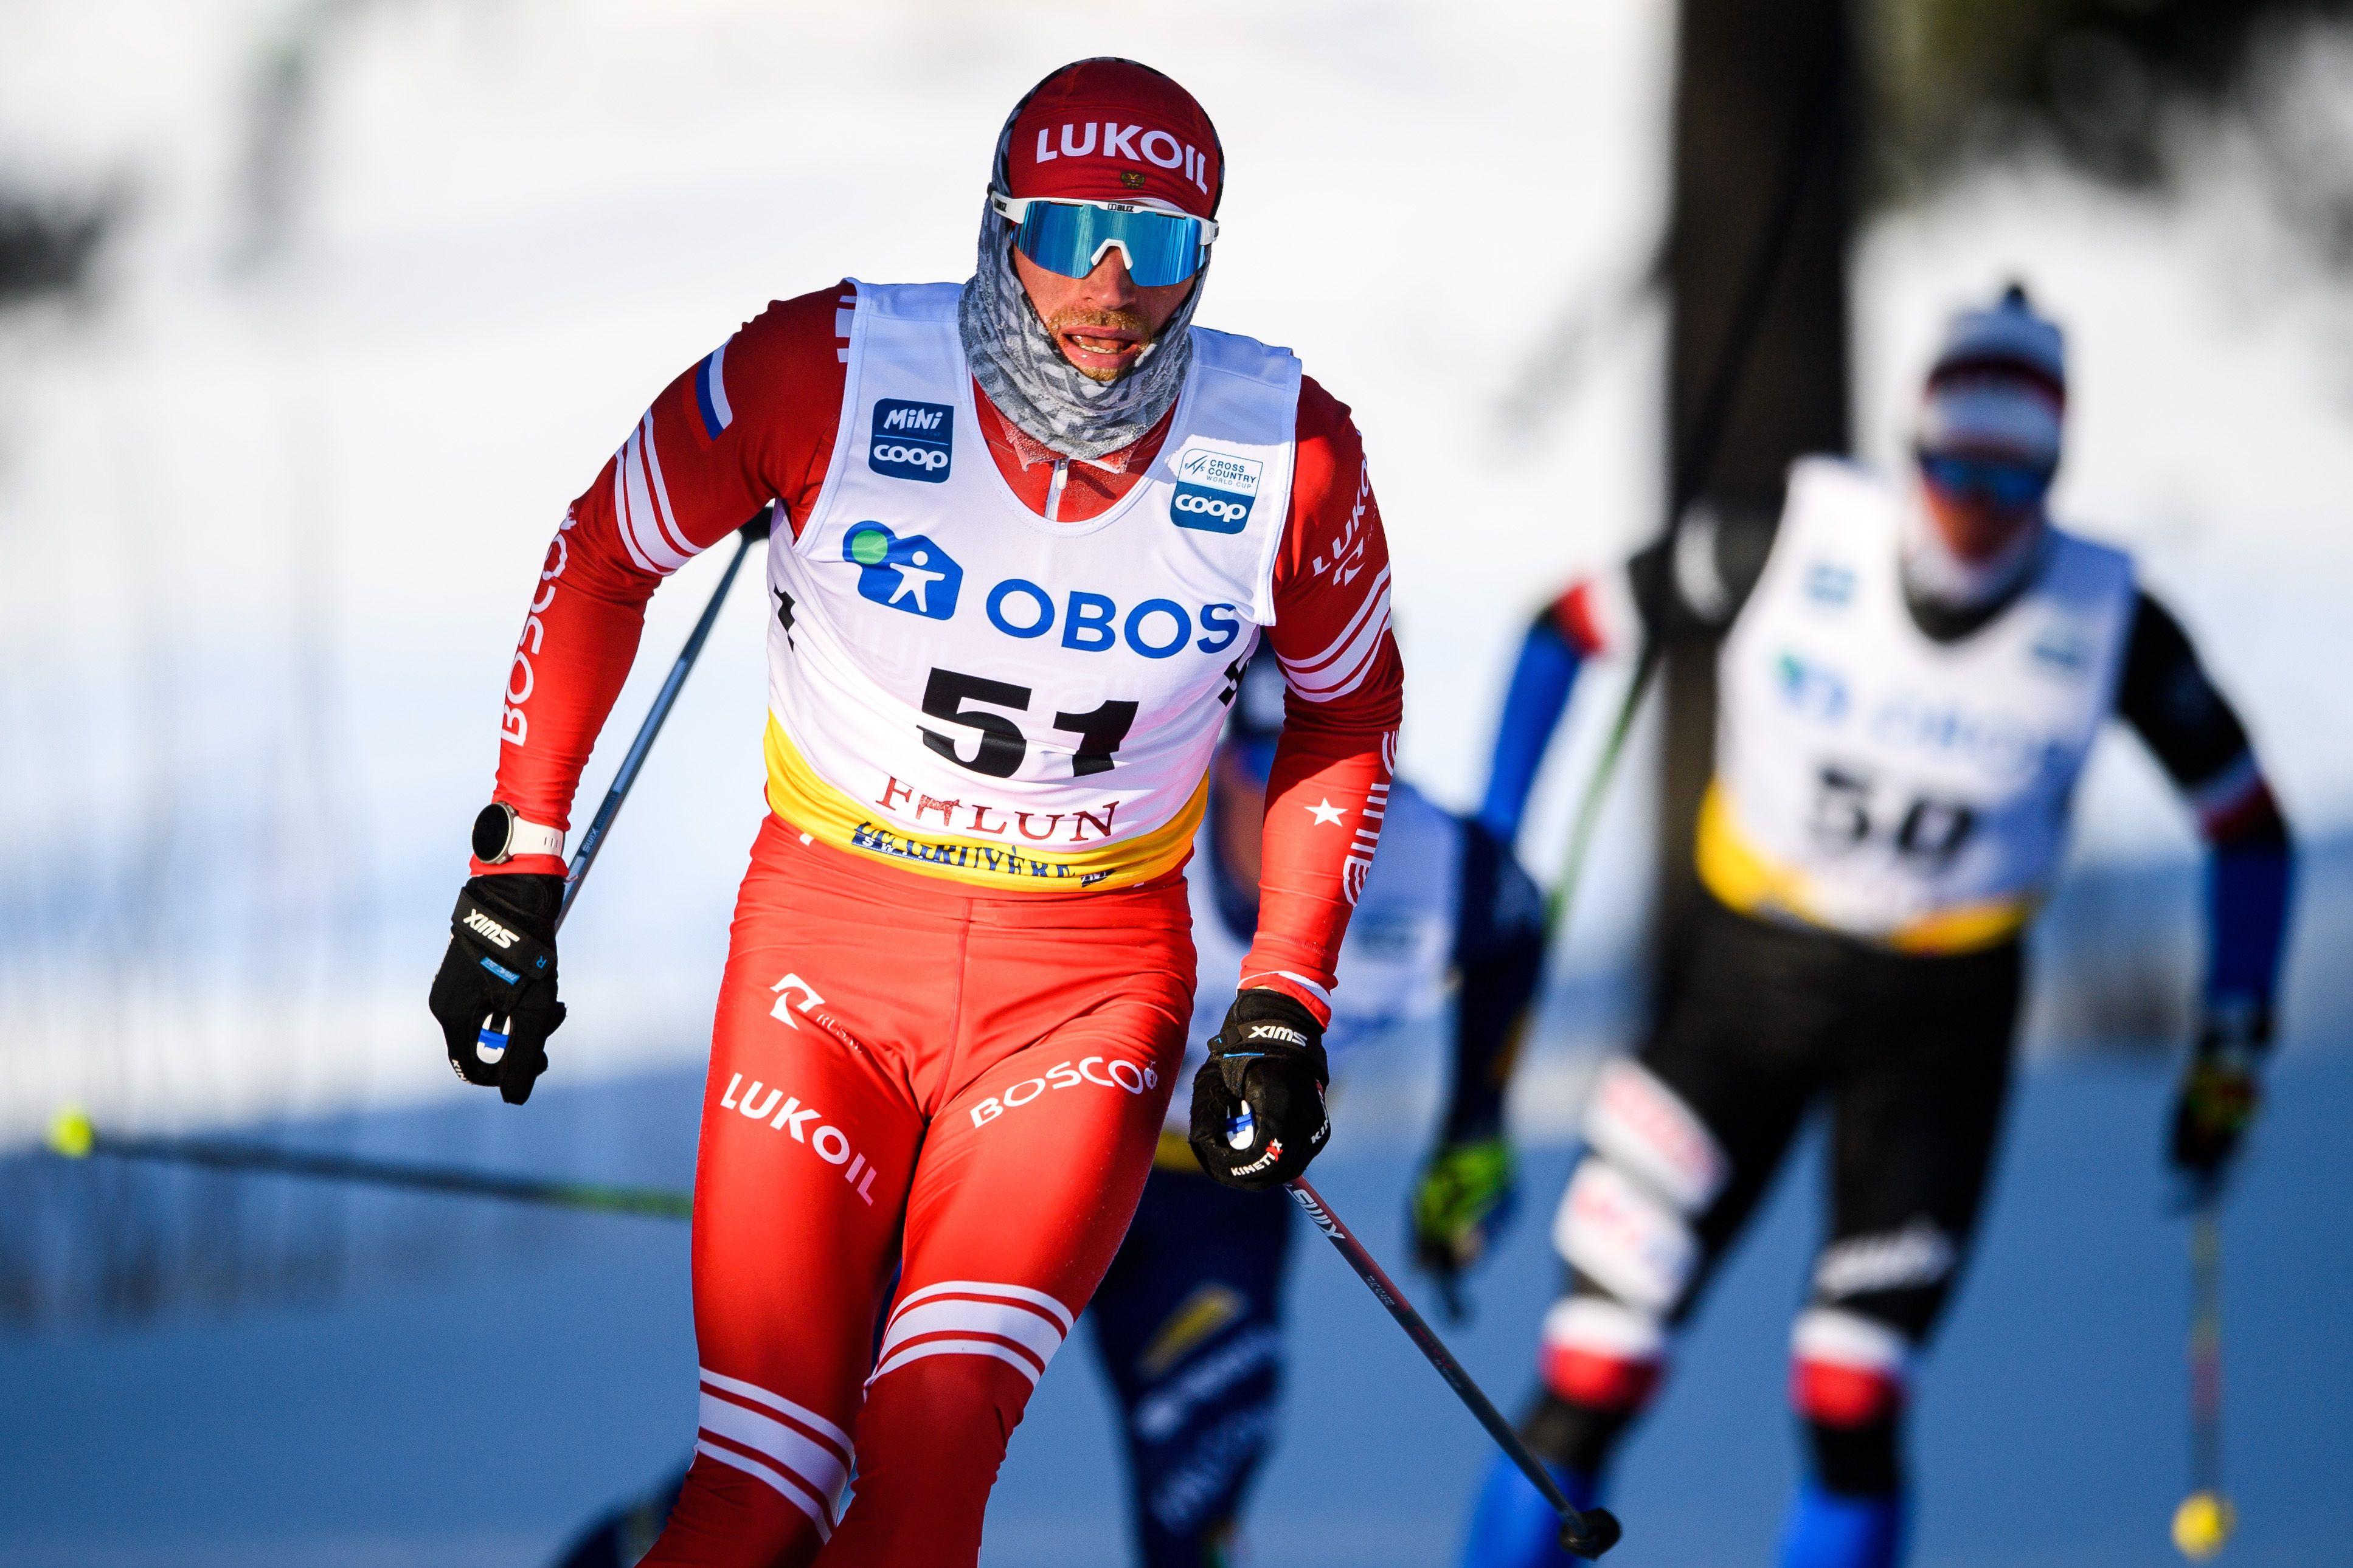 Российский лыжник Мальцев прокомментировал пятое место в индивидуальной гонке на ЧМ